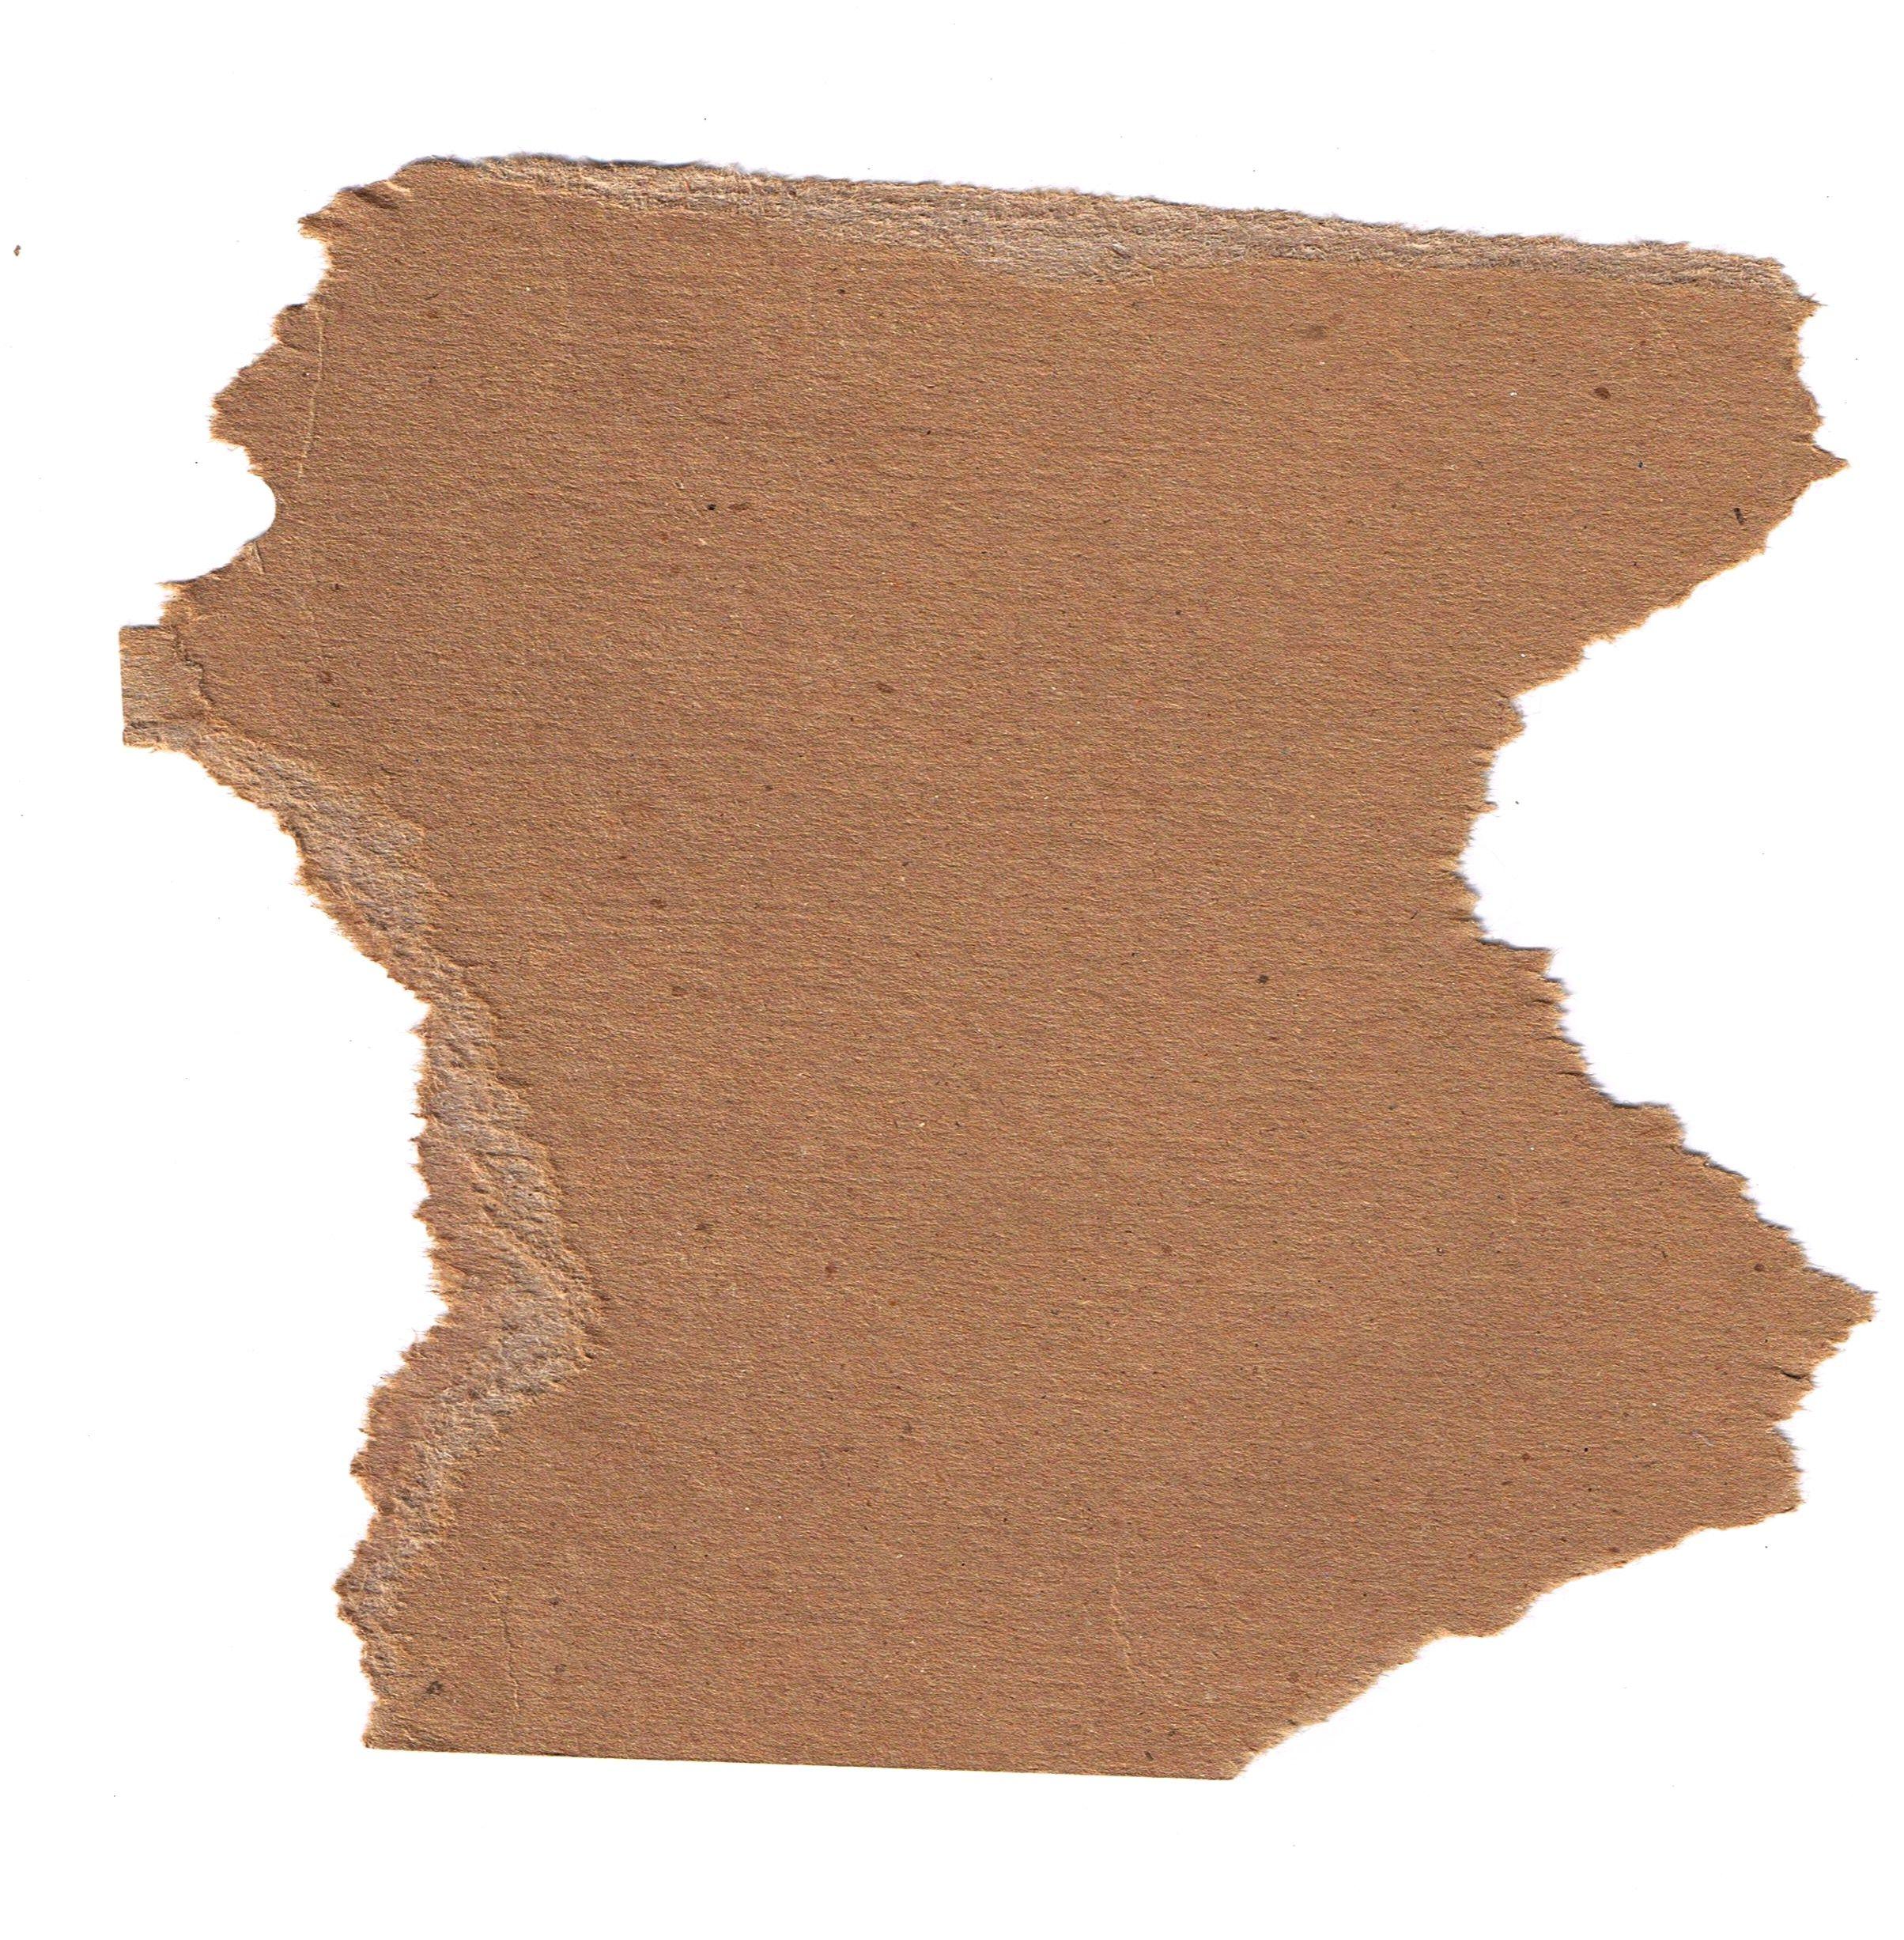 Free Ripped Paper Texture Texture L T Disenos De Unas Texturas Para Portadas Decoraciones Para Trabajos